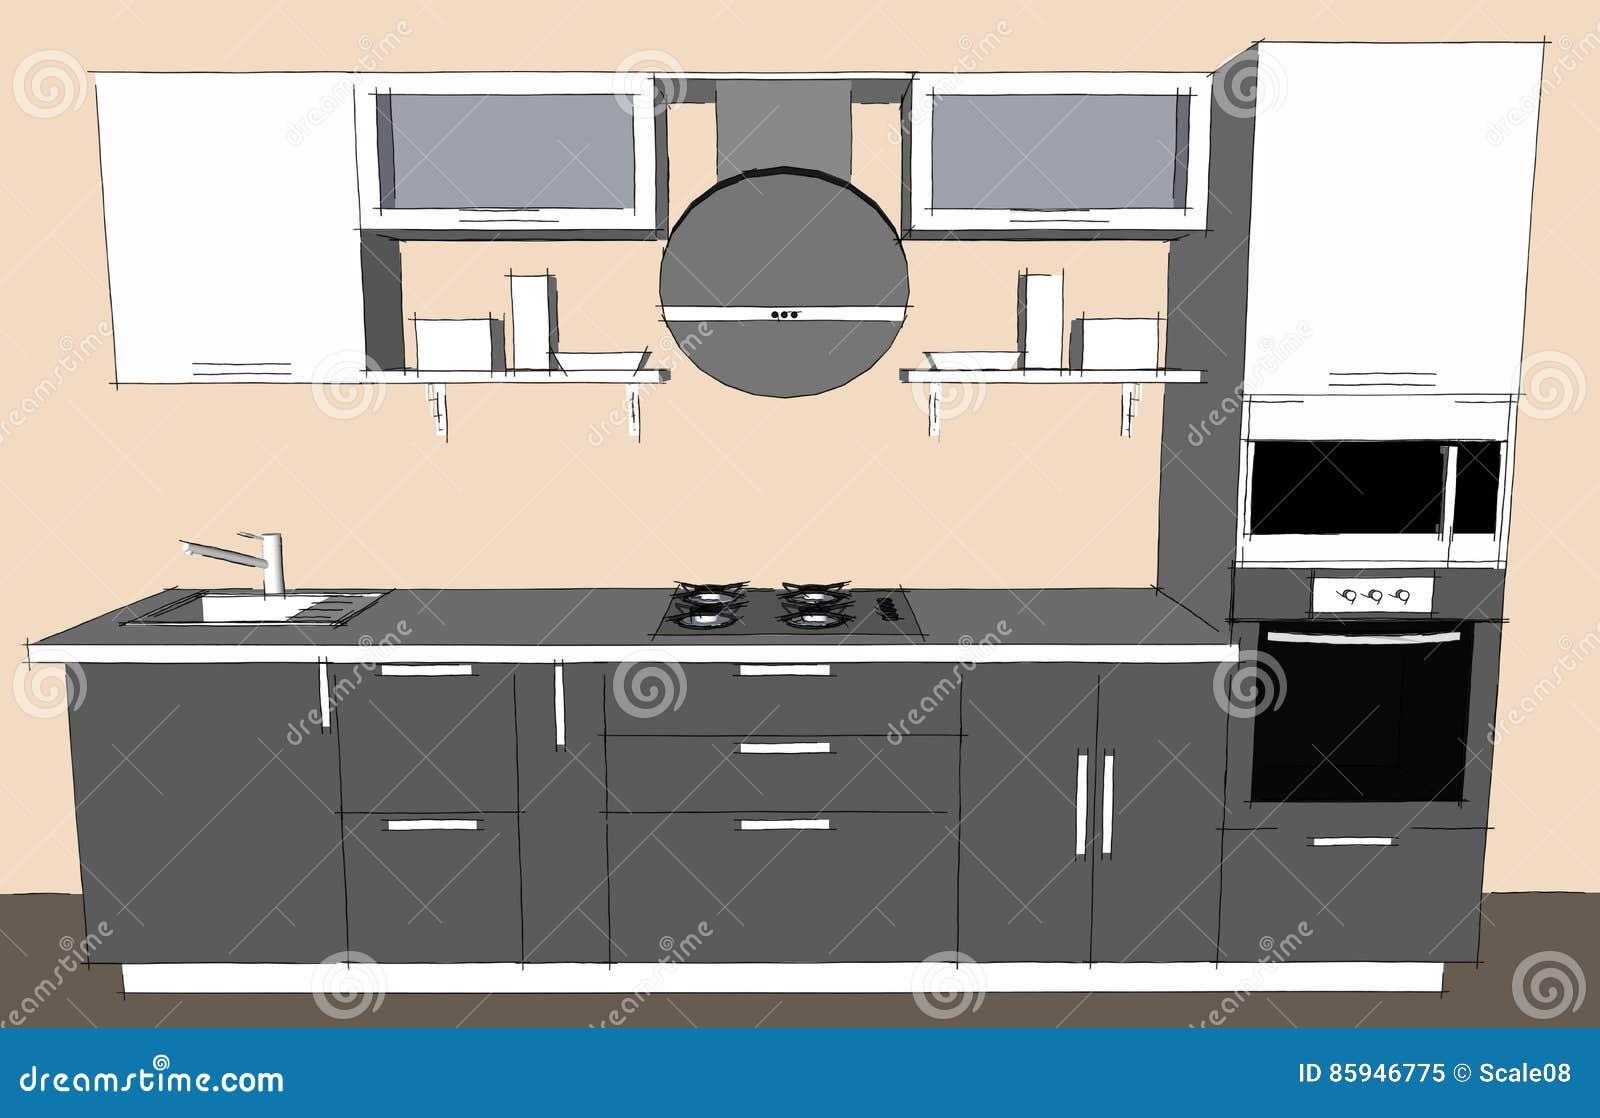 Disegno di schizzo dell 39 interno moderno grigio della for Disegno cucina